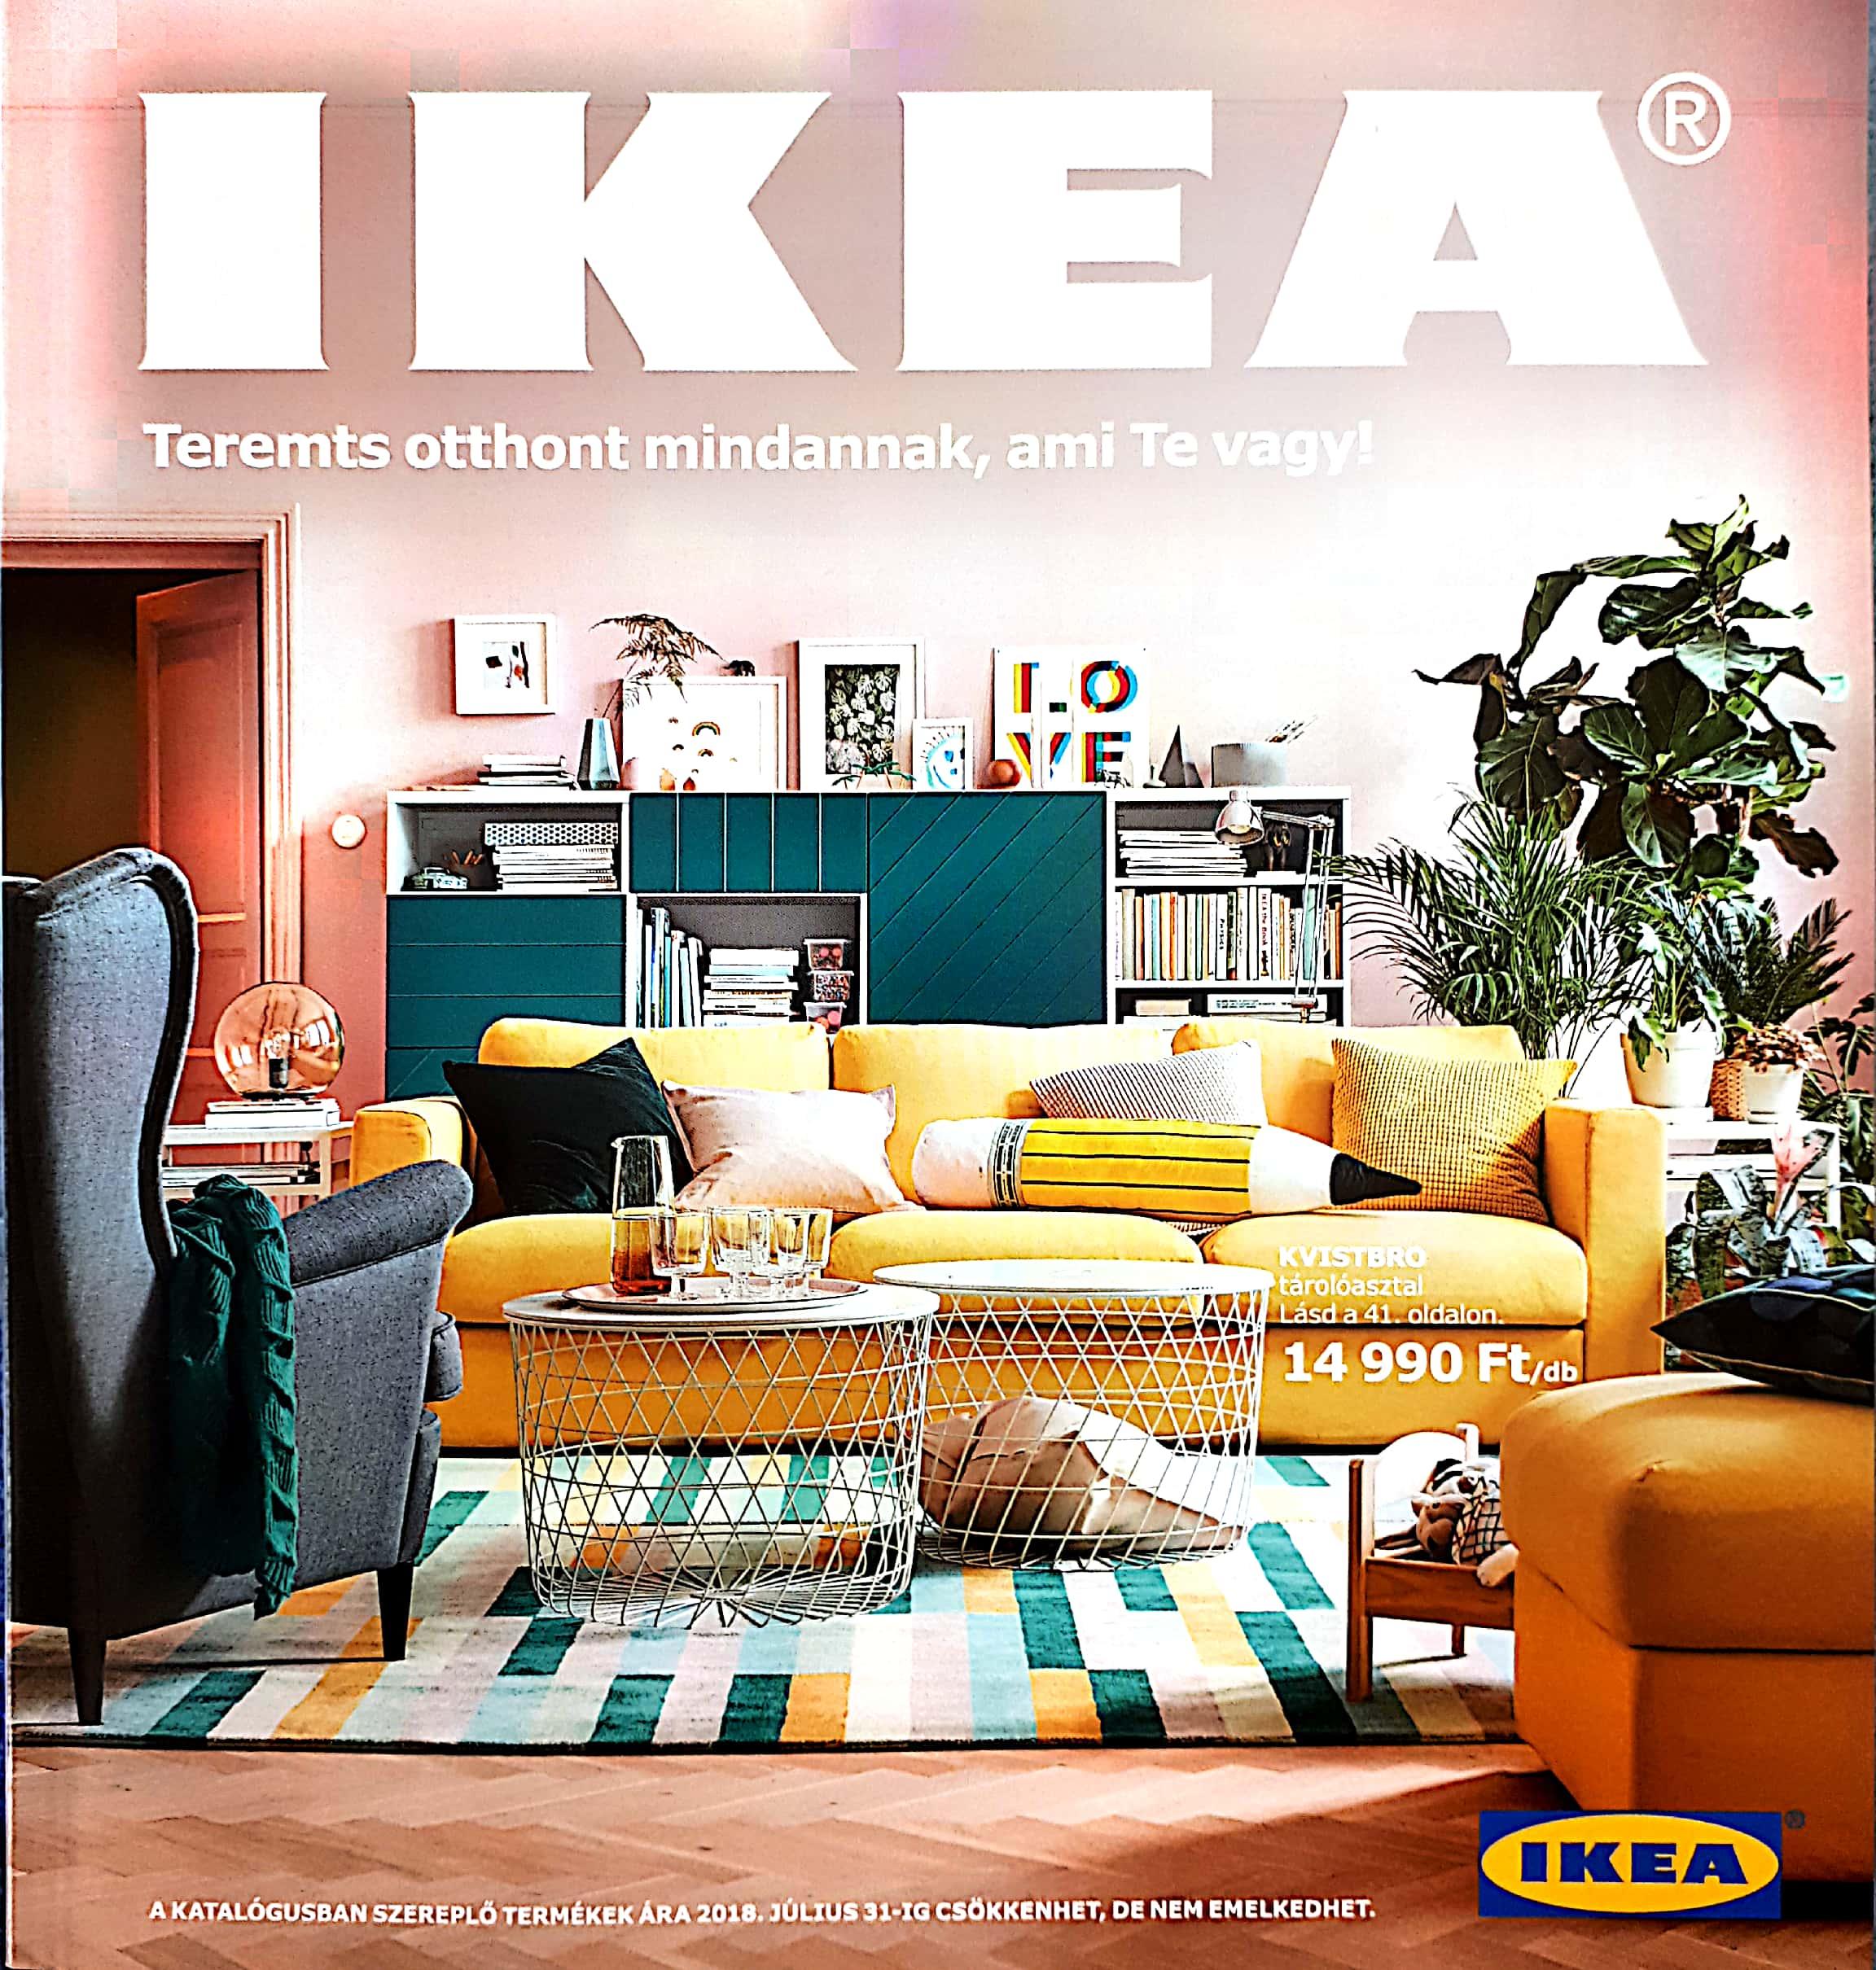 IKEA Katalógus 2018 - Akciós Újságok Online 6257add37b